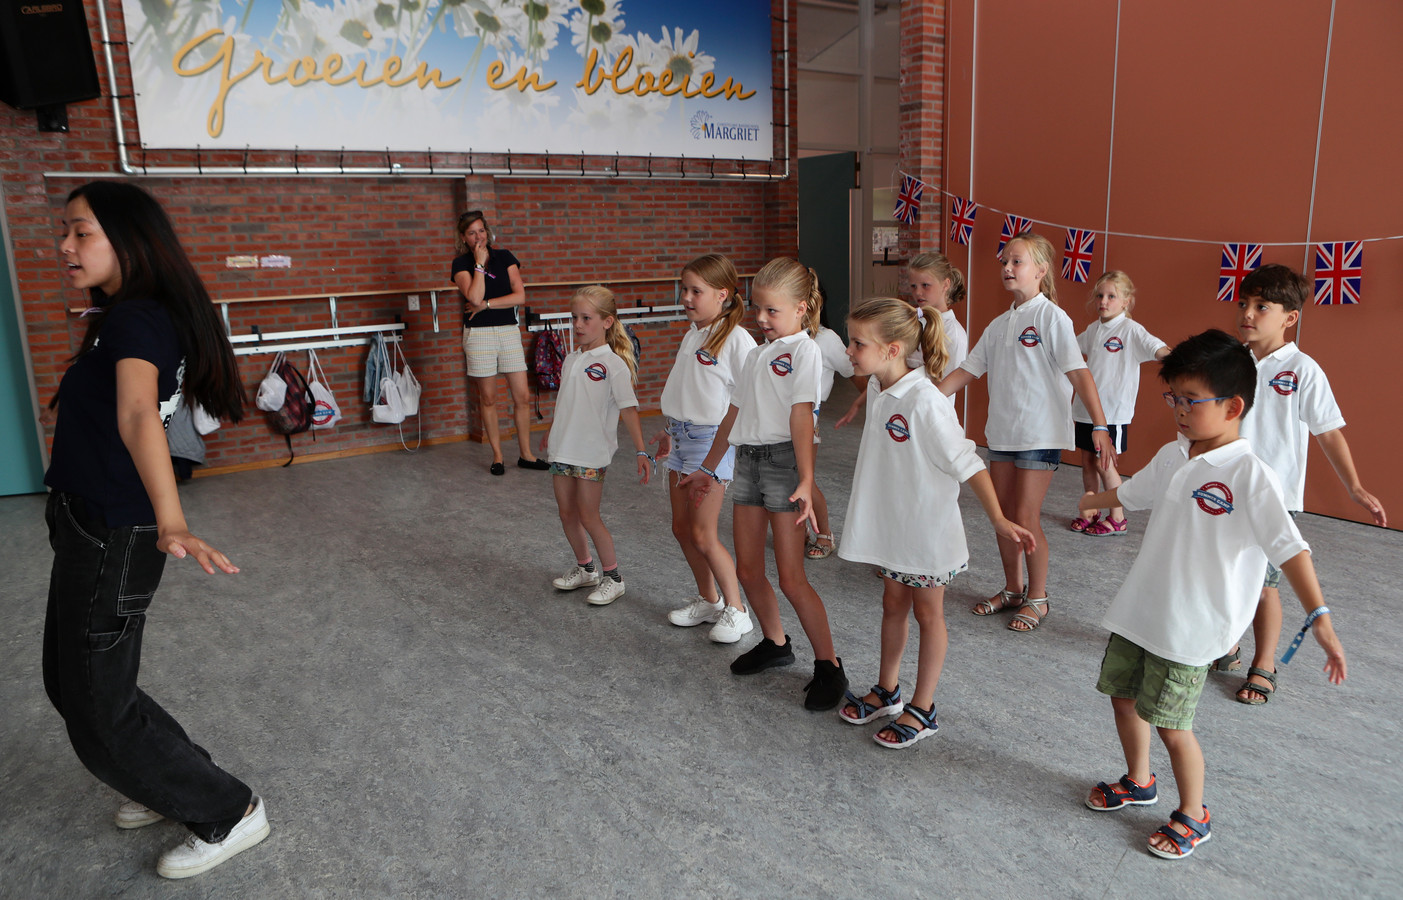 Miss Rachel (links) is een teacher op het Summer Camp in Woerden. In de achtergrond bedenkster Marie-Chantal de Wildt.